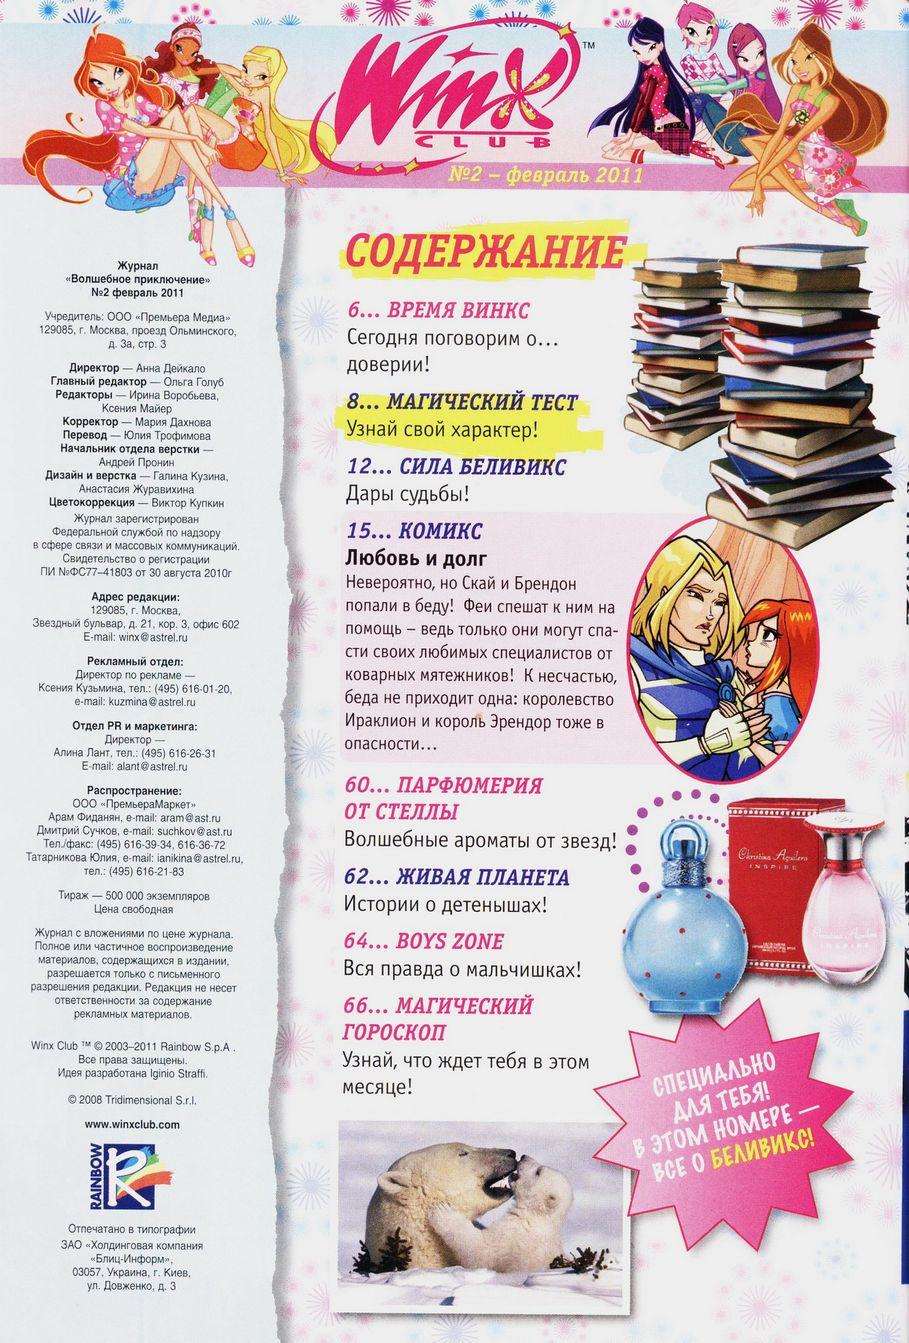 Комикс Винкс Winx - Любовь и долг (Журнал Винкс №2 2011) - стр. 4